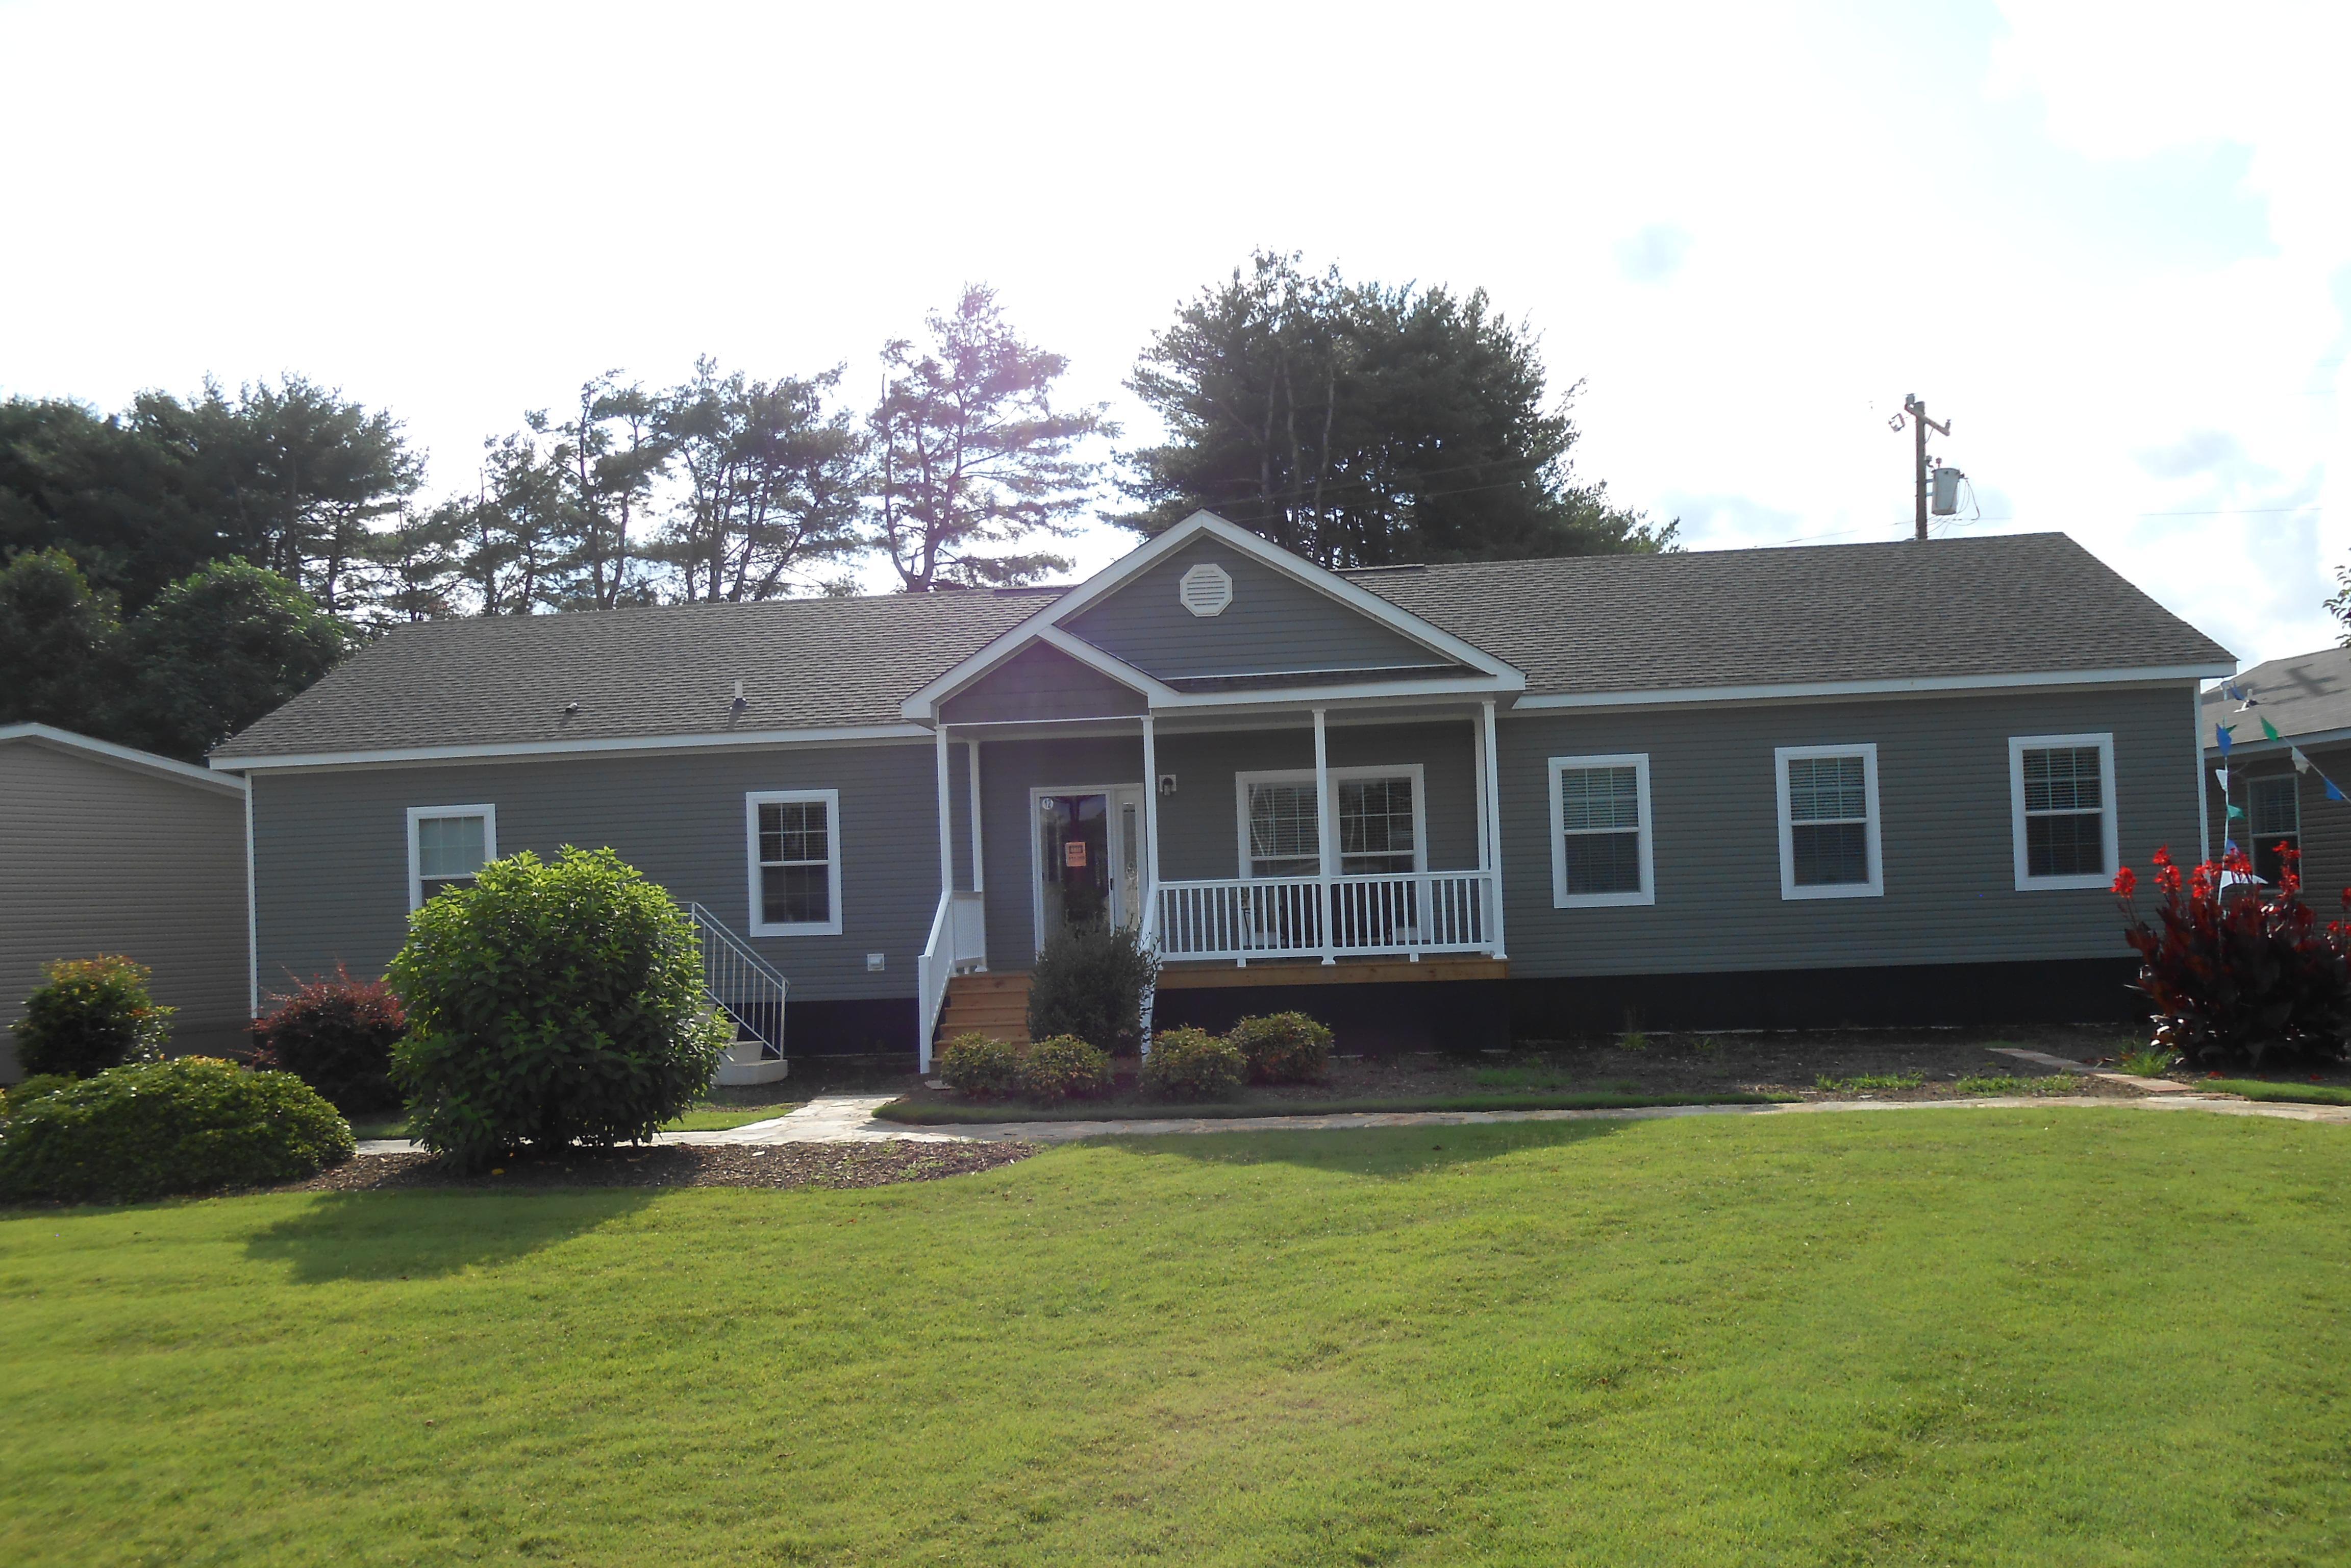 Oakwood Homes image 1